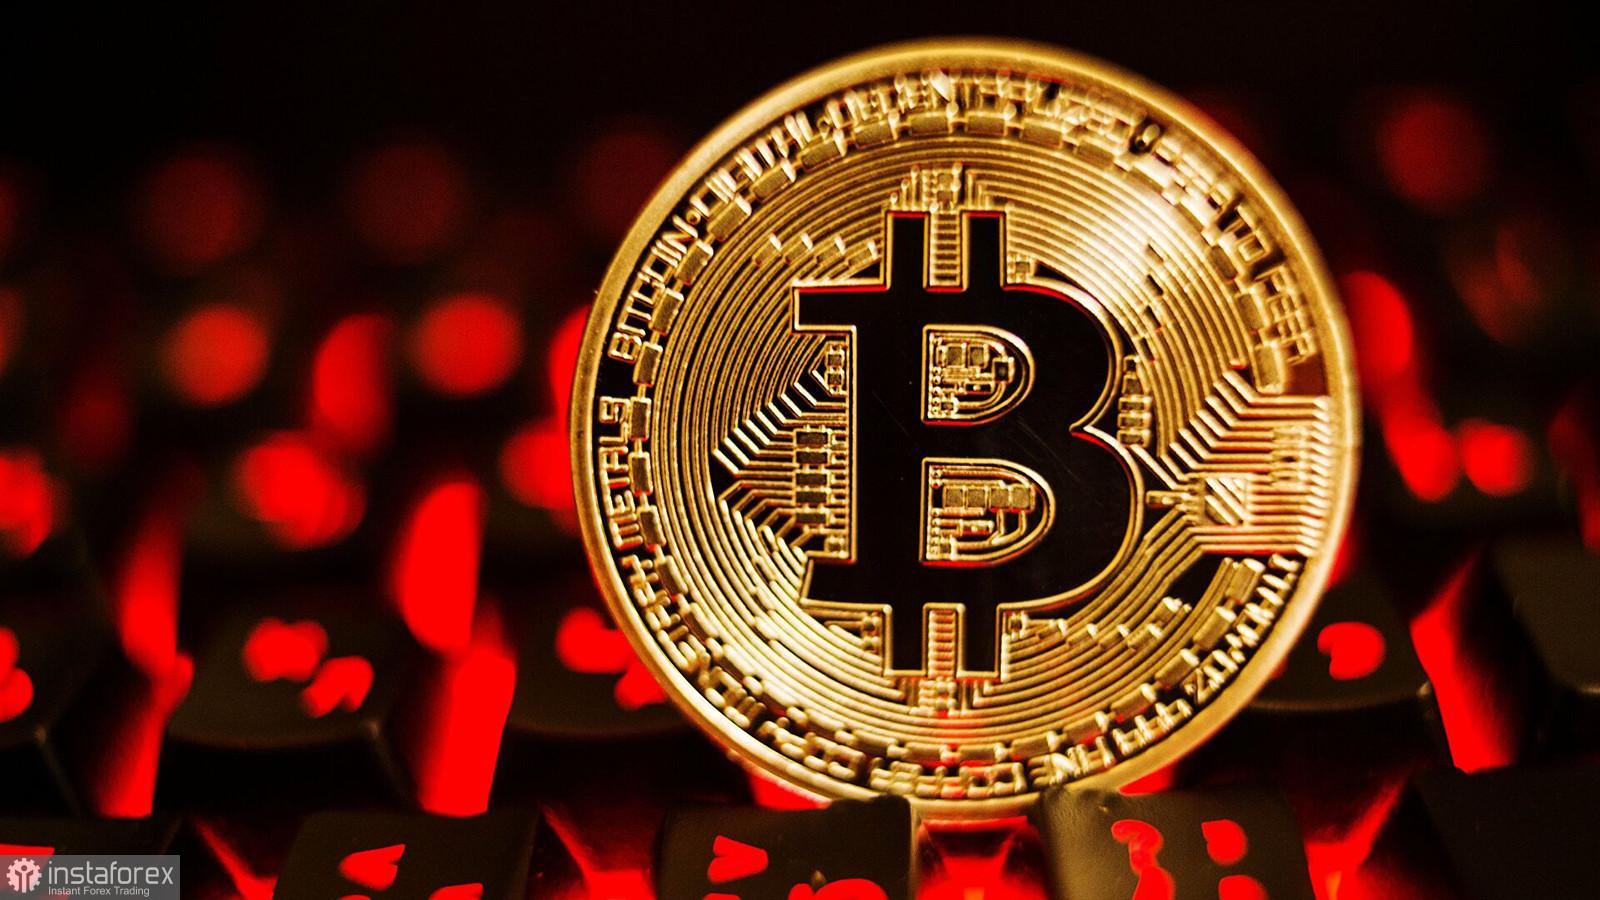 kako trgovati kriptovalutom trgovac koji je nazvao bitcoin rally